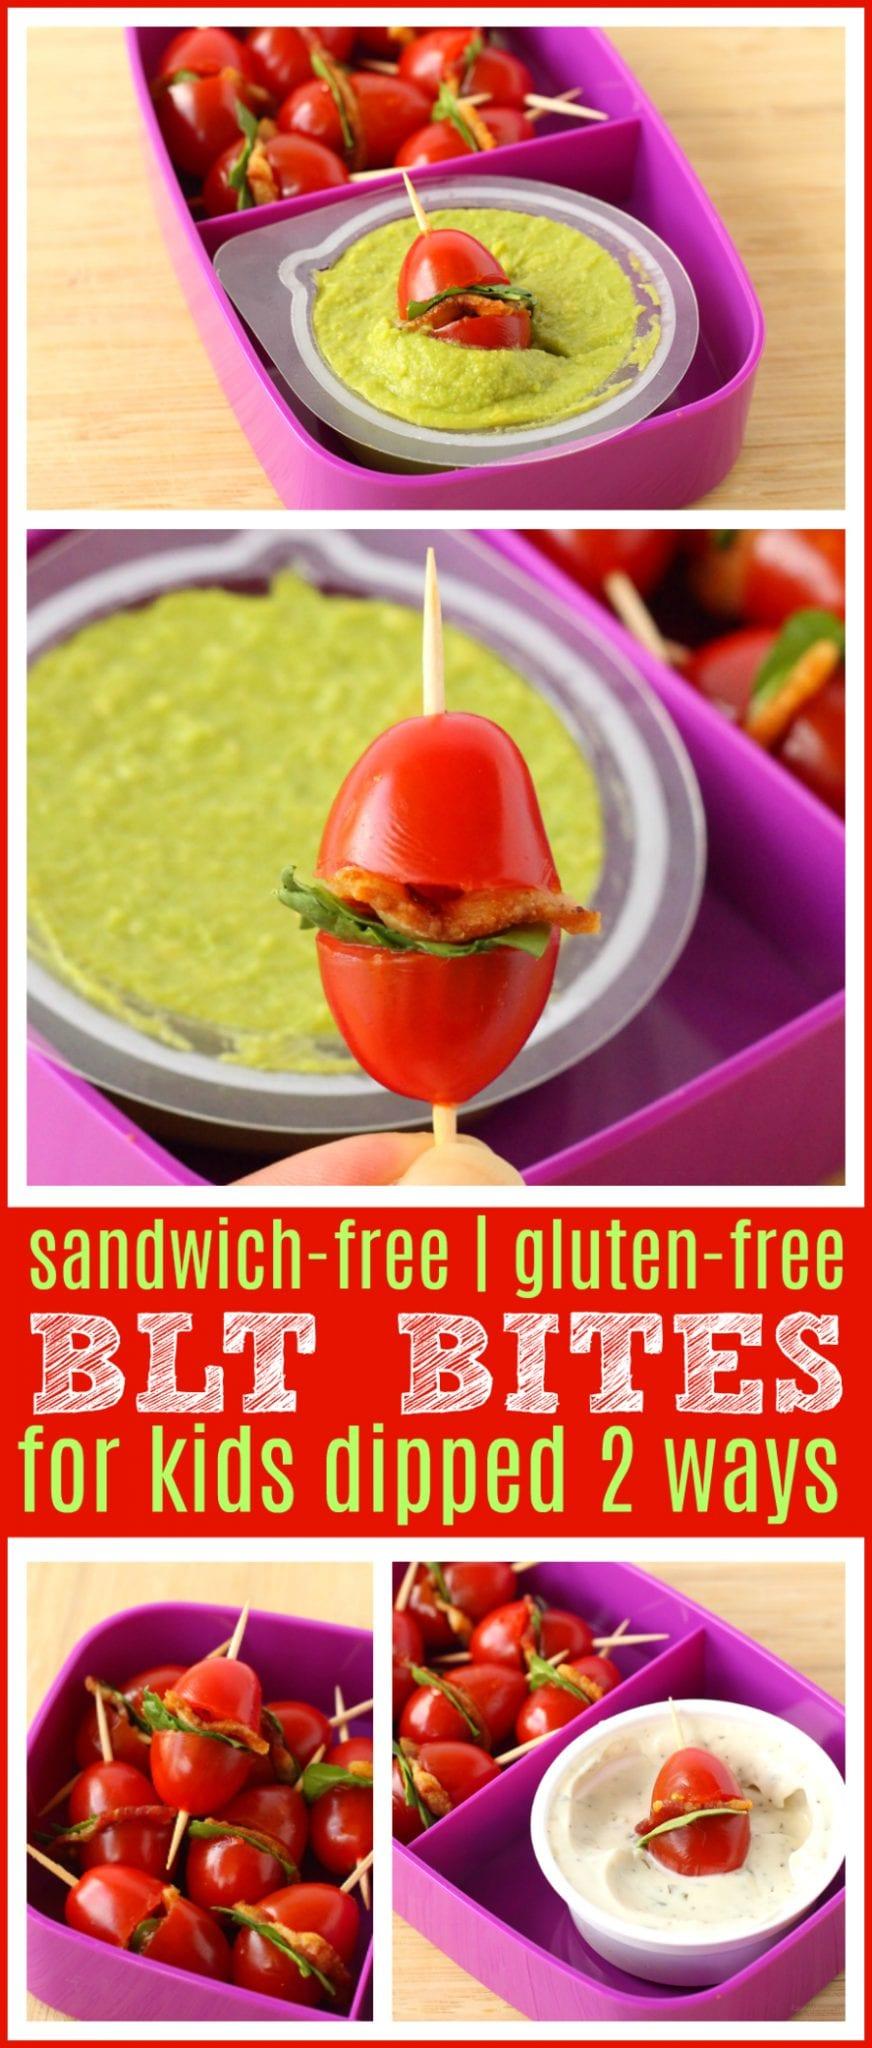 Gluten free BLT